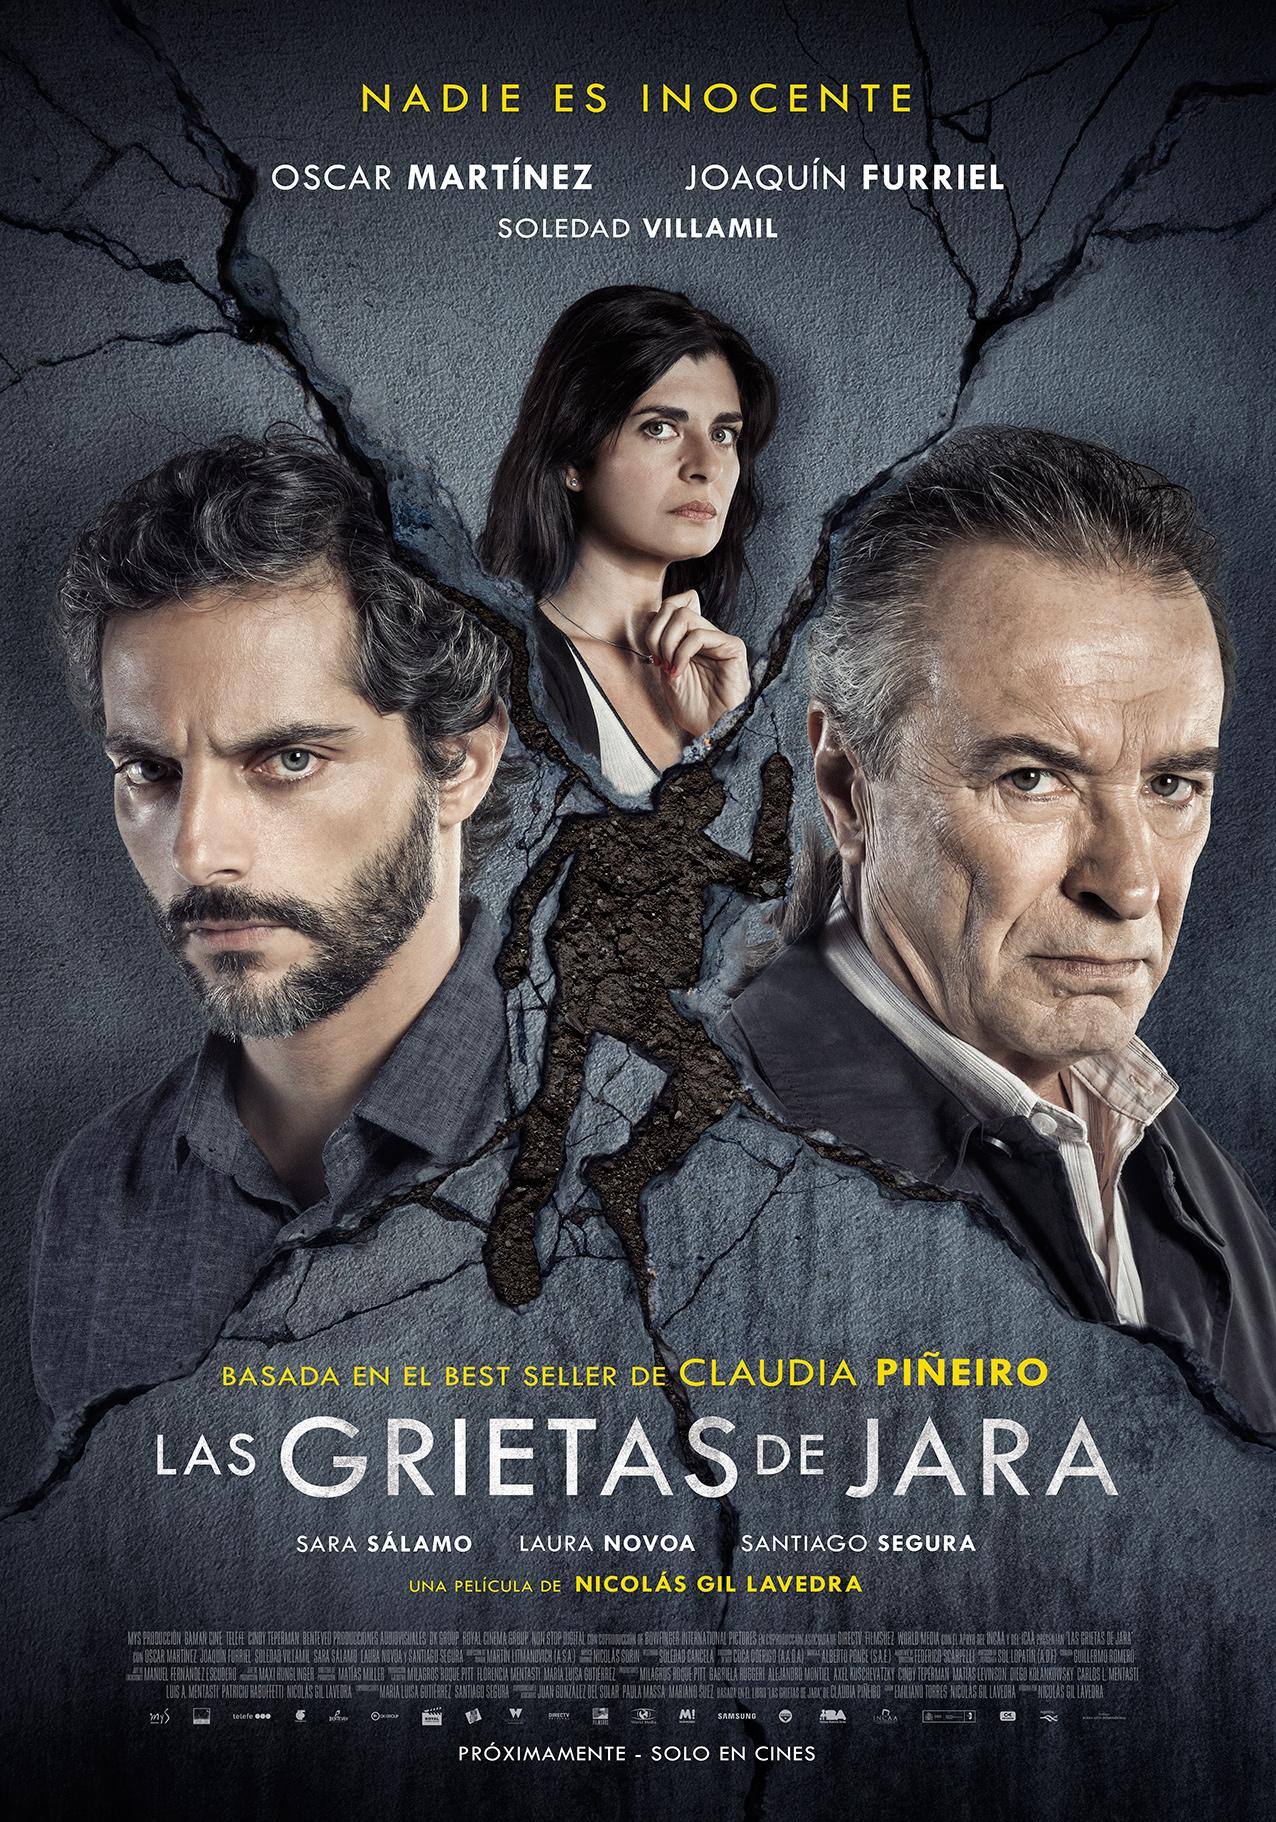 Las Grietas de Jara y Colmena son los dos estrenos nacionales de mañana.